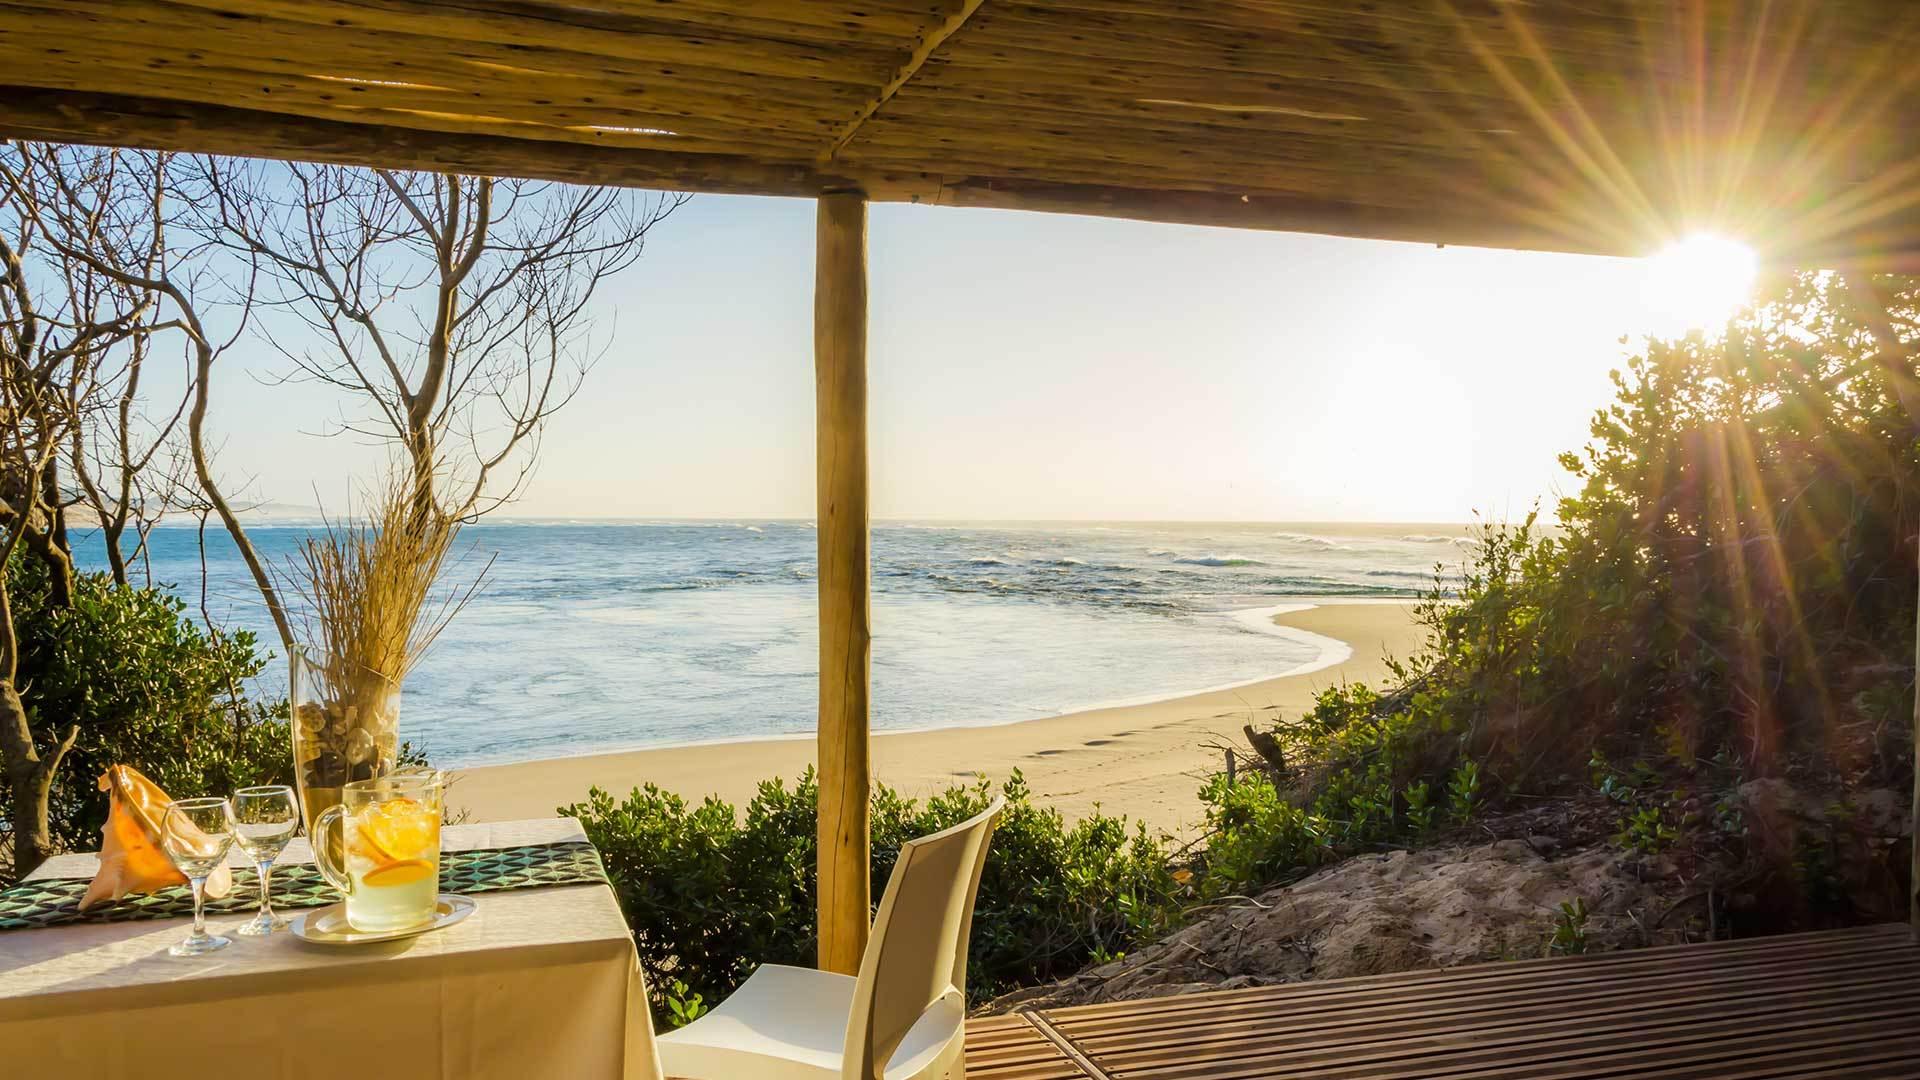 Bien que l'Afrique australe soit réputée pour ses vacances safari, la région abrite certaines des plages les plus exquises au monde.